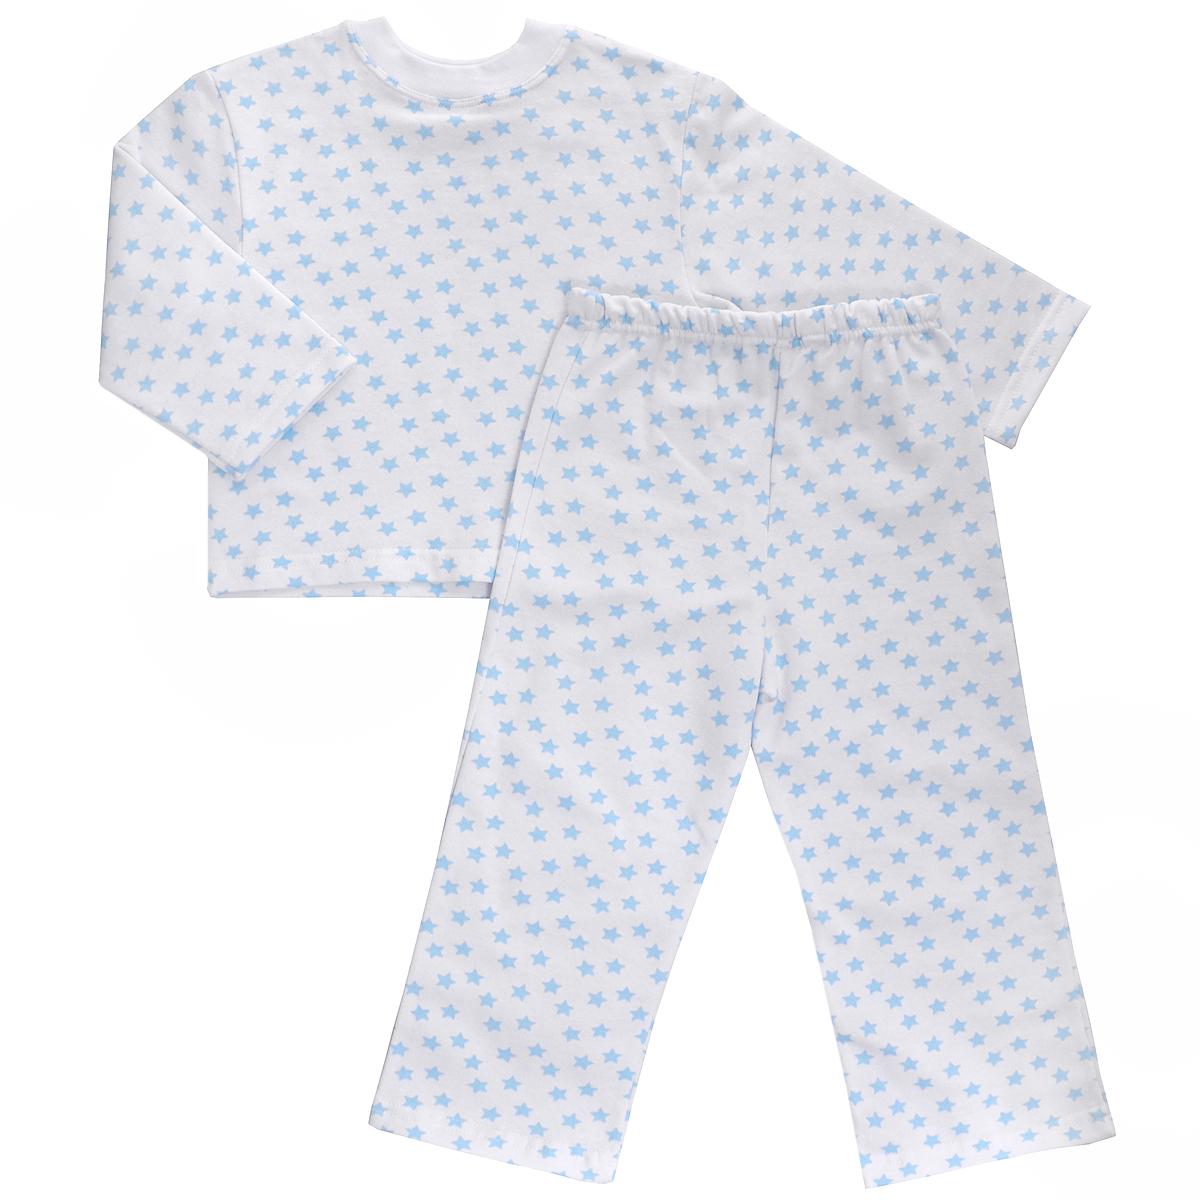 Пижама детская Трон-плюс, цвет: белый, голубой, рисунок звезды. 5553. Размер 80/86, 1-2 года5553Яркая детская пижама Трон-плюс, состоящая из кофточки и штанишек, идеально подойдет вашему малышу и станет отличным дополнением к детскому гардеробу. Теплая пижама, изготовленная из набивного футера - натурального хлопка, необычайно мягкая и легкая, не сковывает движения ребенка, позволяет коже дышать и не раздражает даже самую нежную и чувствительную кожу малыша. Кофта с длинными рукавами имеет круглый вырез горловины. Штанишки на удобной резинке не сдавливают животик ребенка и не сползают.В такой пижаме ваш ребенок будет чувствовать себя комфортно и уютно во время сна.